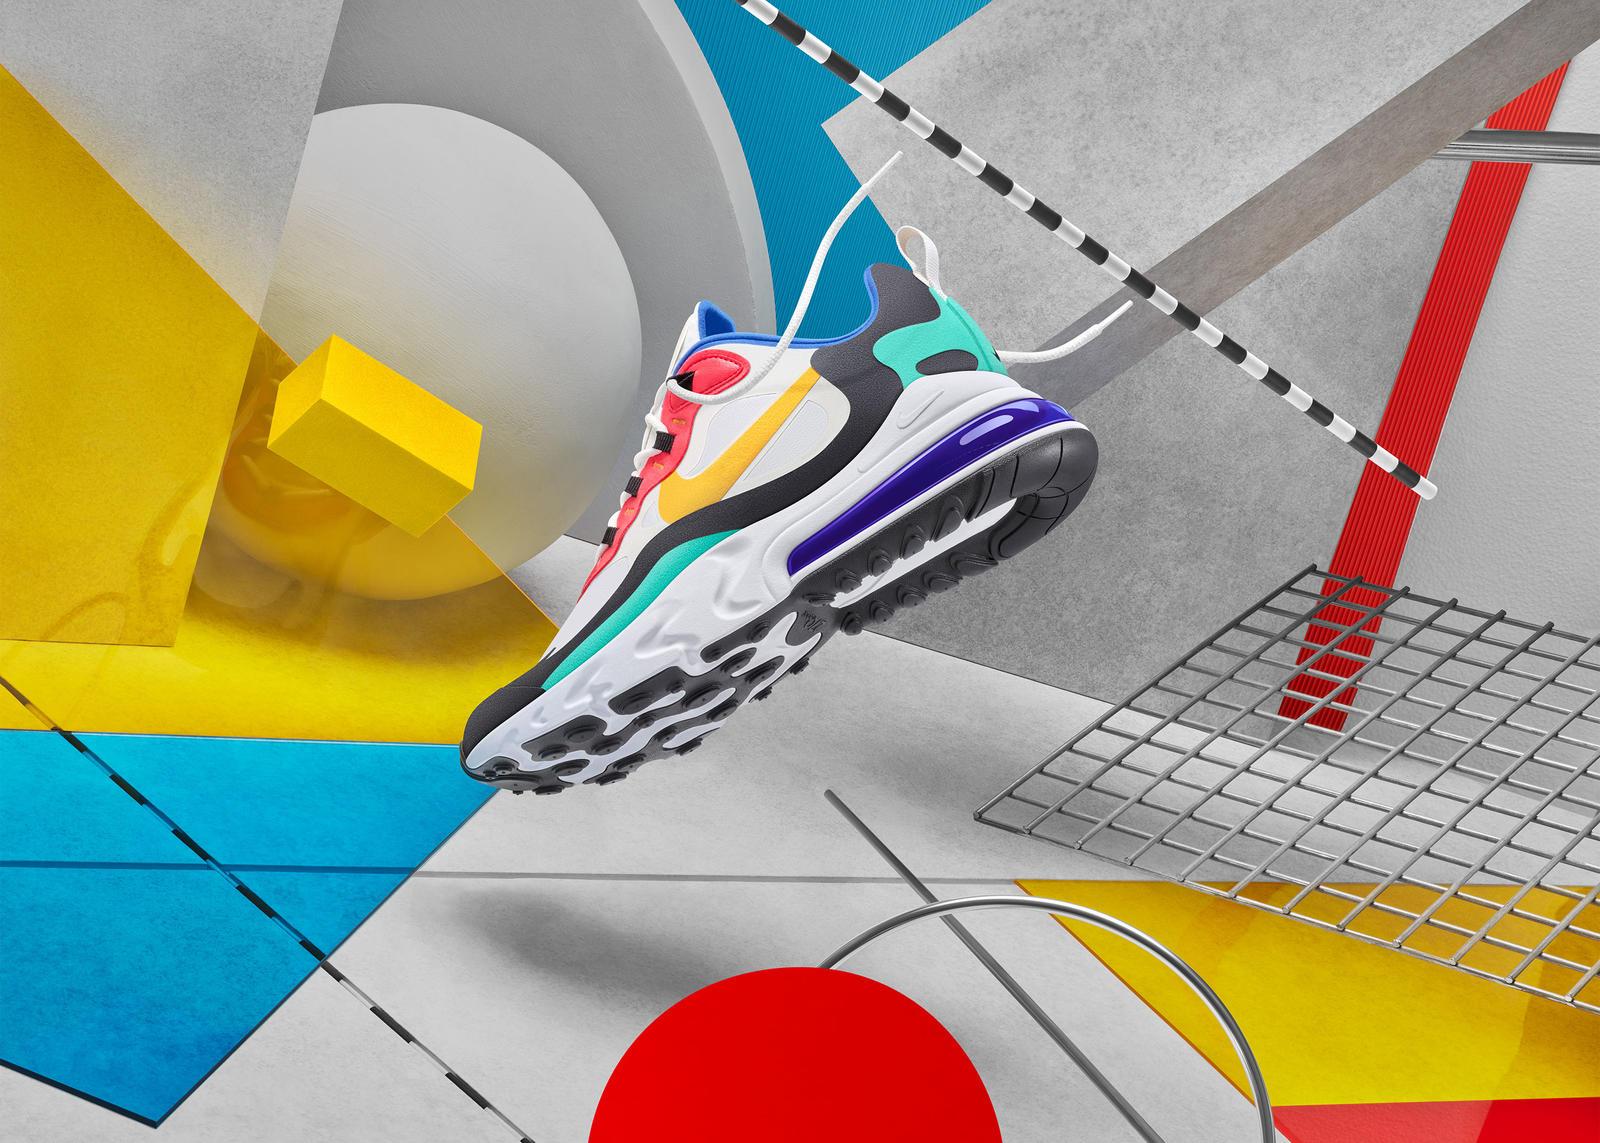 縫い目作らず素材重ねる新製法 <br>「エア マックス 270 リアクト」発売